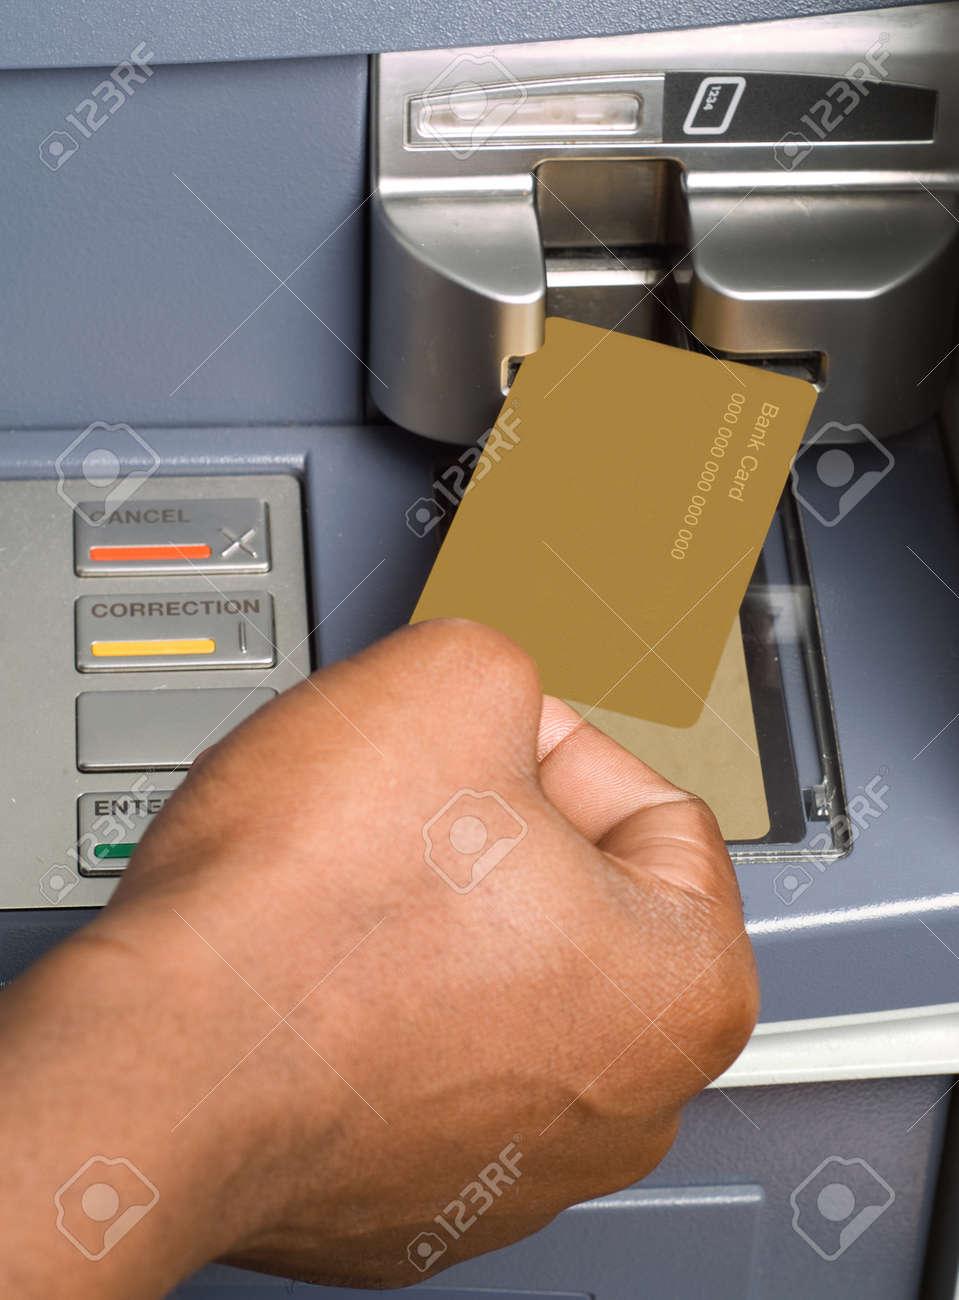 Carte Bancaire Afrique Du Sud.Dessin Argent Americain En Afrique Du Sud Ou L Afrique De Tresorerie Avec La Carte De Guichet Automatique Bancaire Au Guichet Automatique